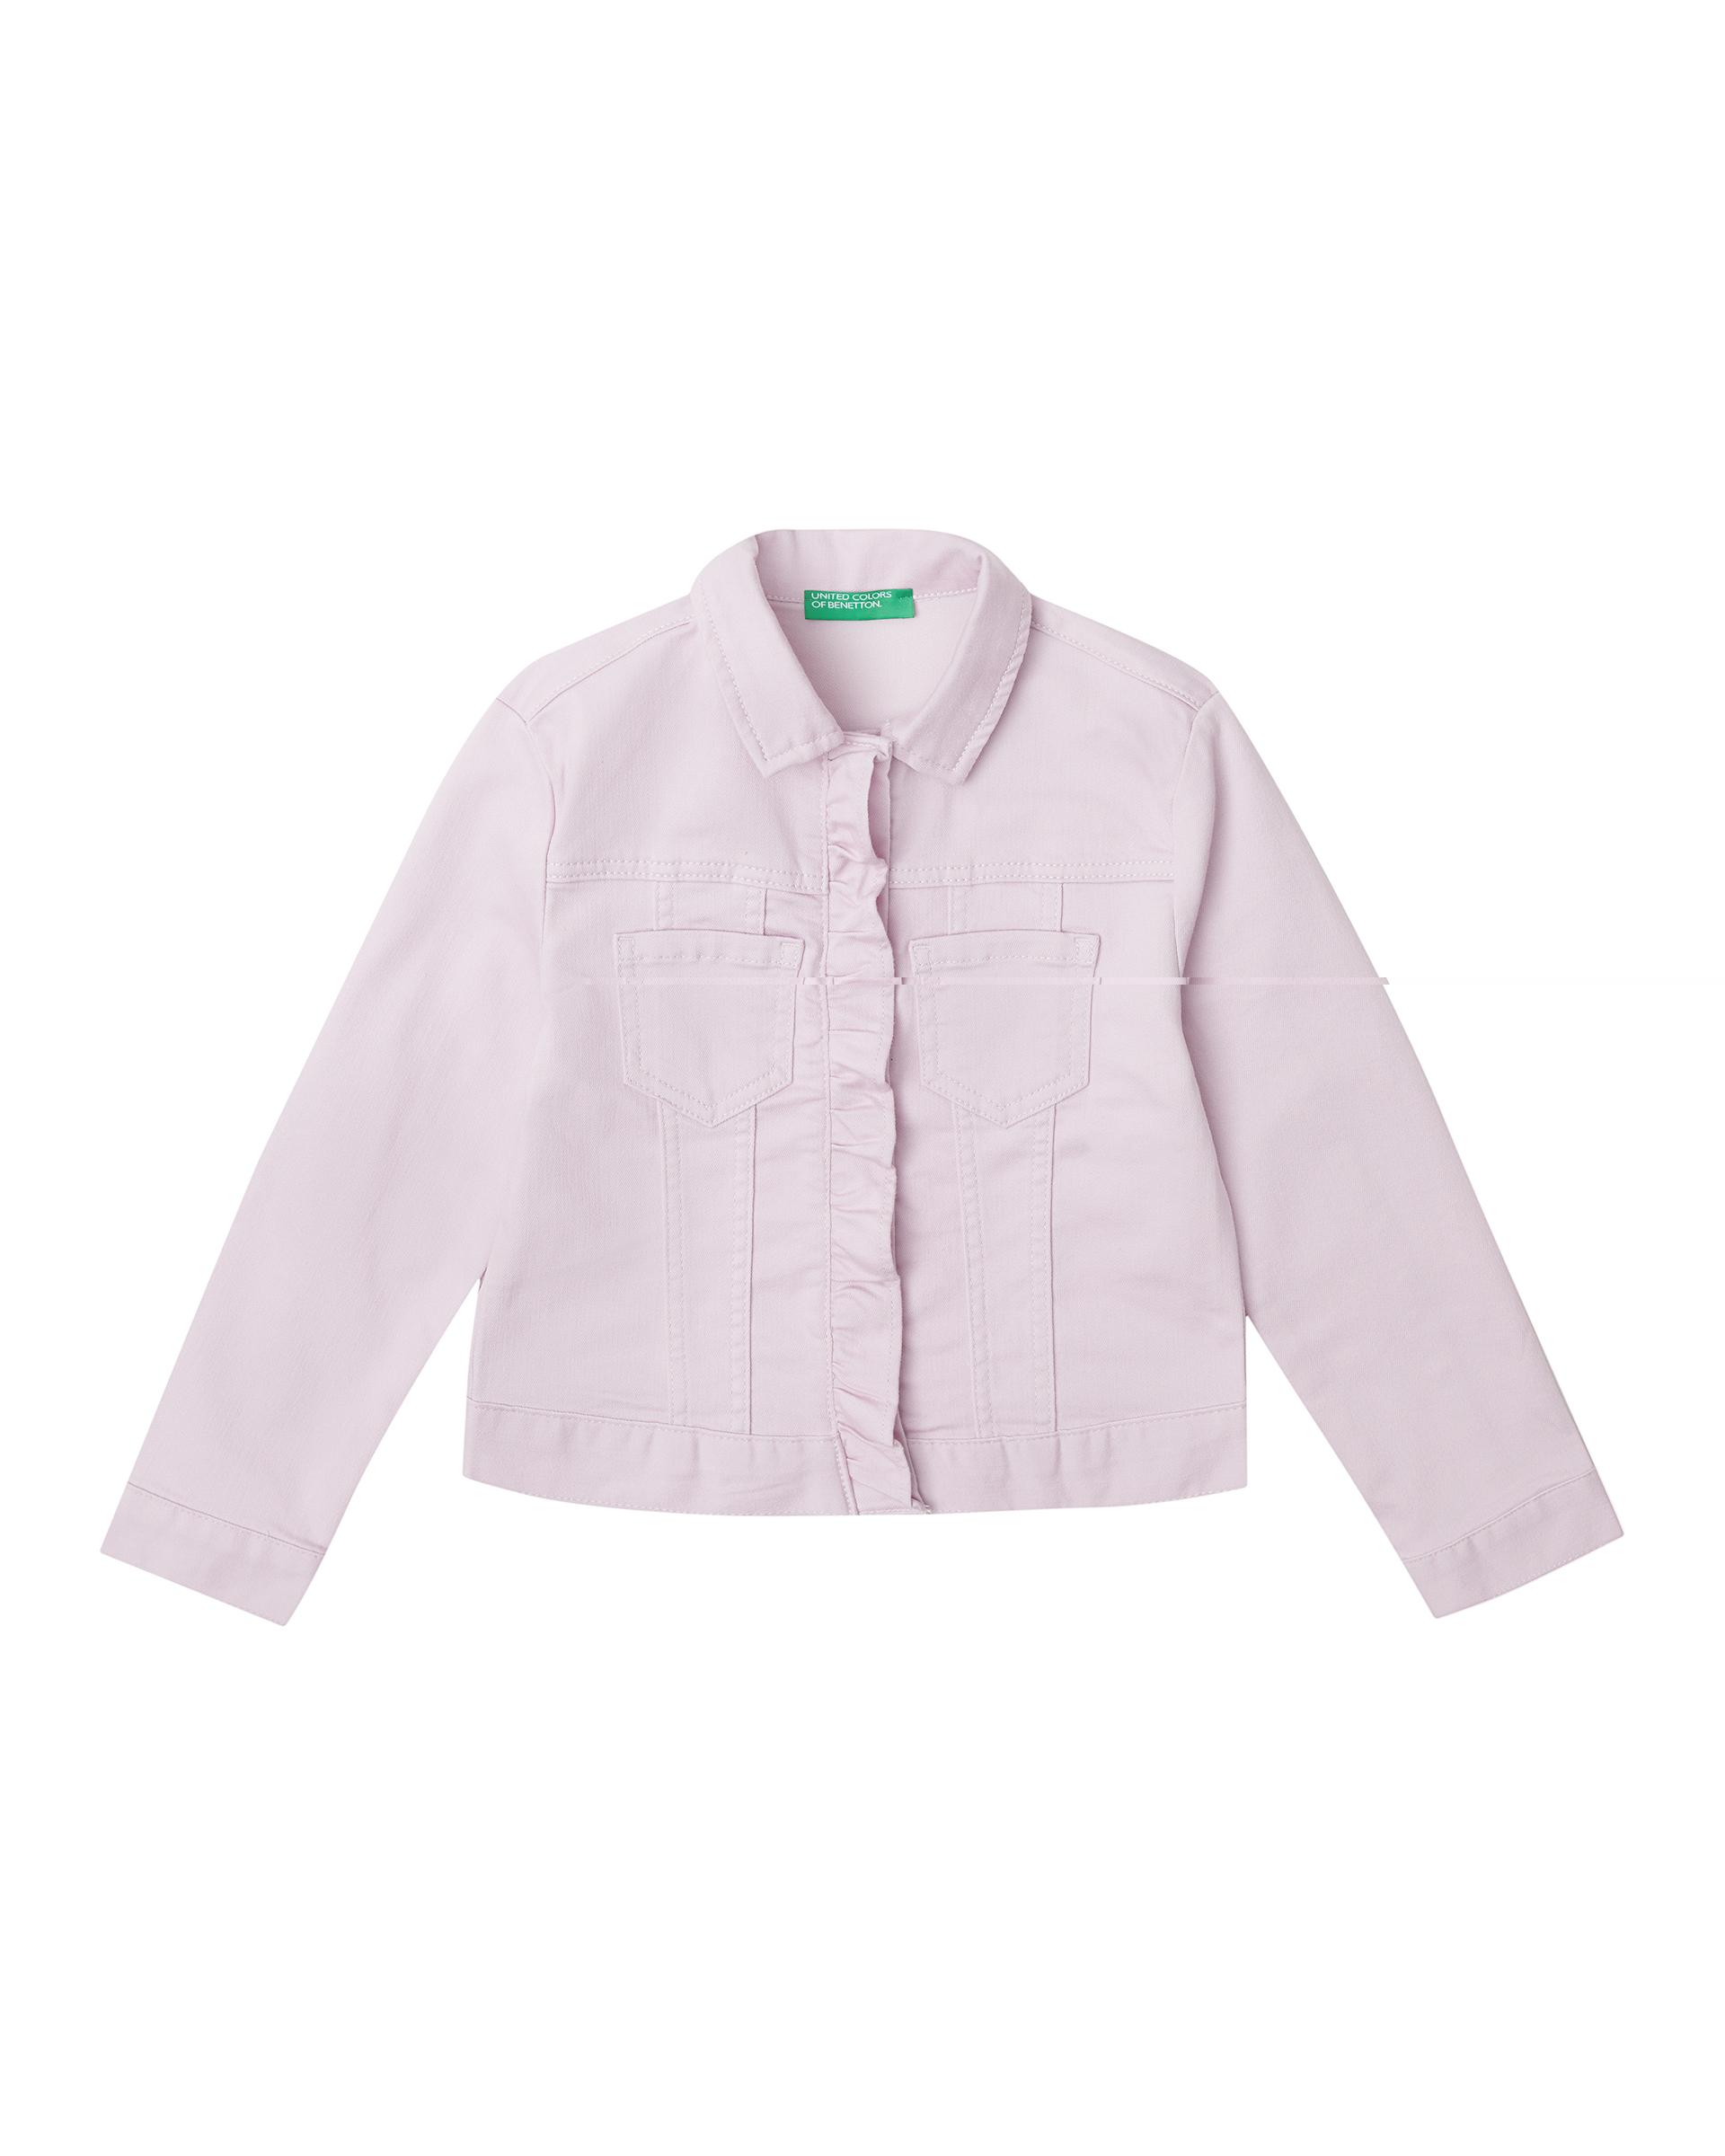 20P_2HB553I30_07M, Джинсовая куртка для девочек Benetton 2HB553I30_07M р-р 92, United Colors of Benetton, Куртки для девочек  - купить со скидкой